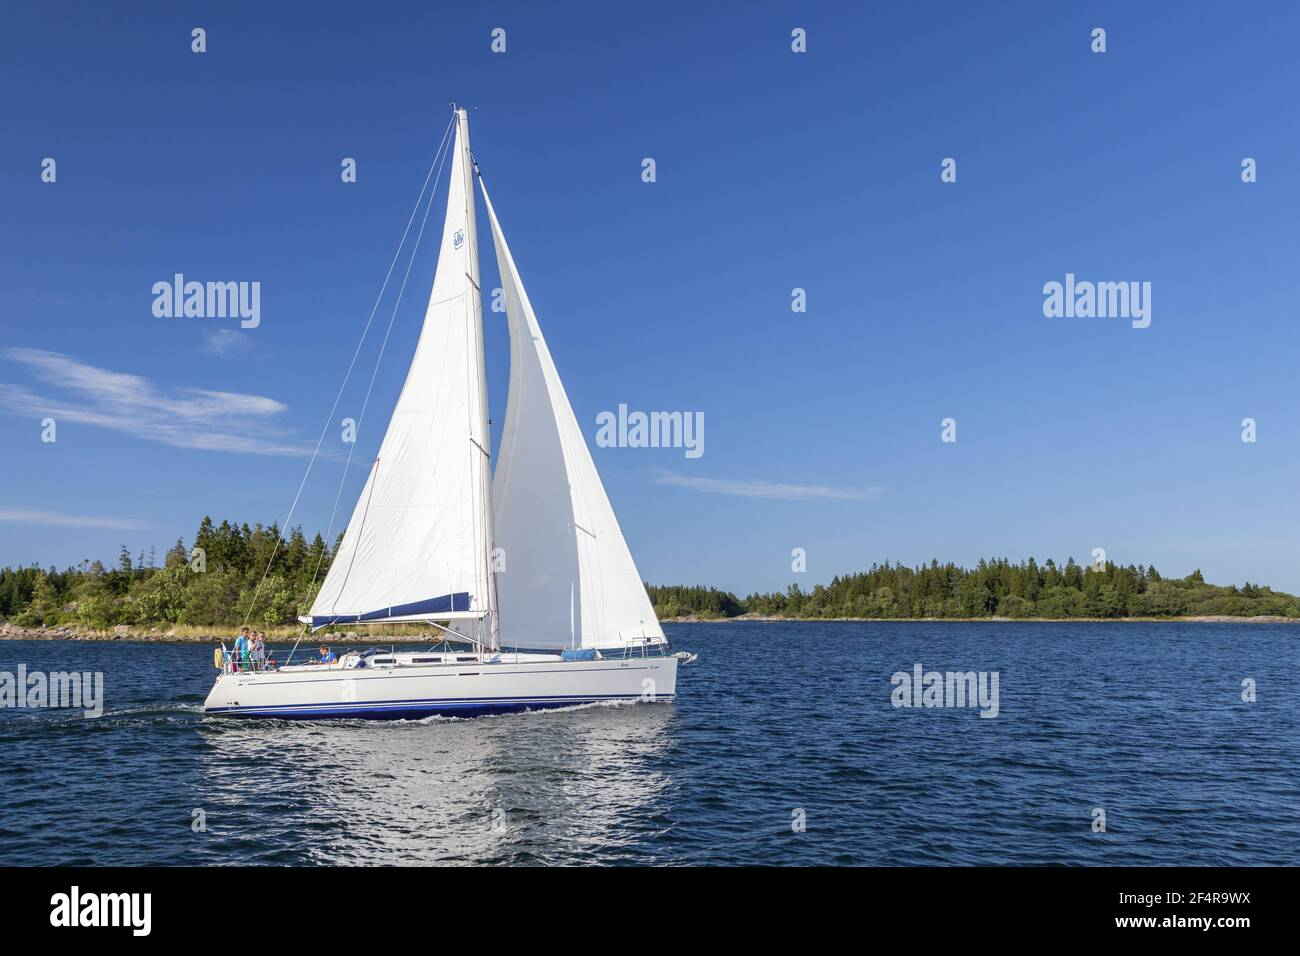 Geografía / viajes, Suecia, Estocolmo laen, Estocolmo skaergård, yactsman en frente de la isla Fejan, Derechos adicionales-liquidación-Info-no-disponible Foto de stock